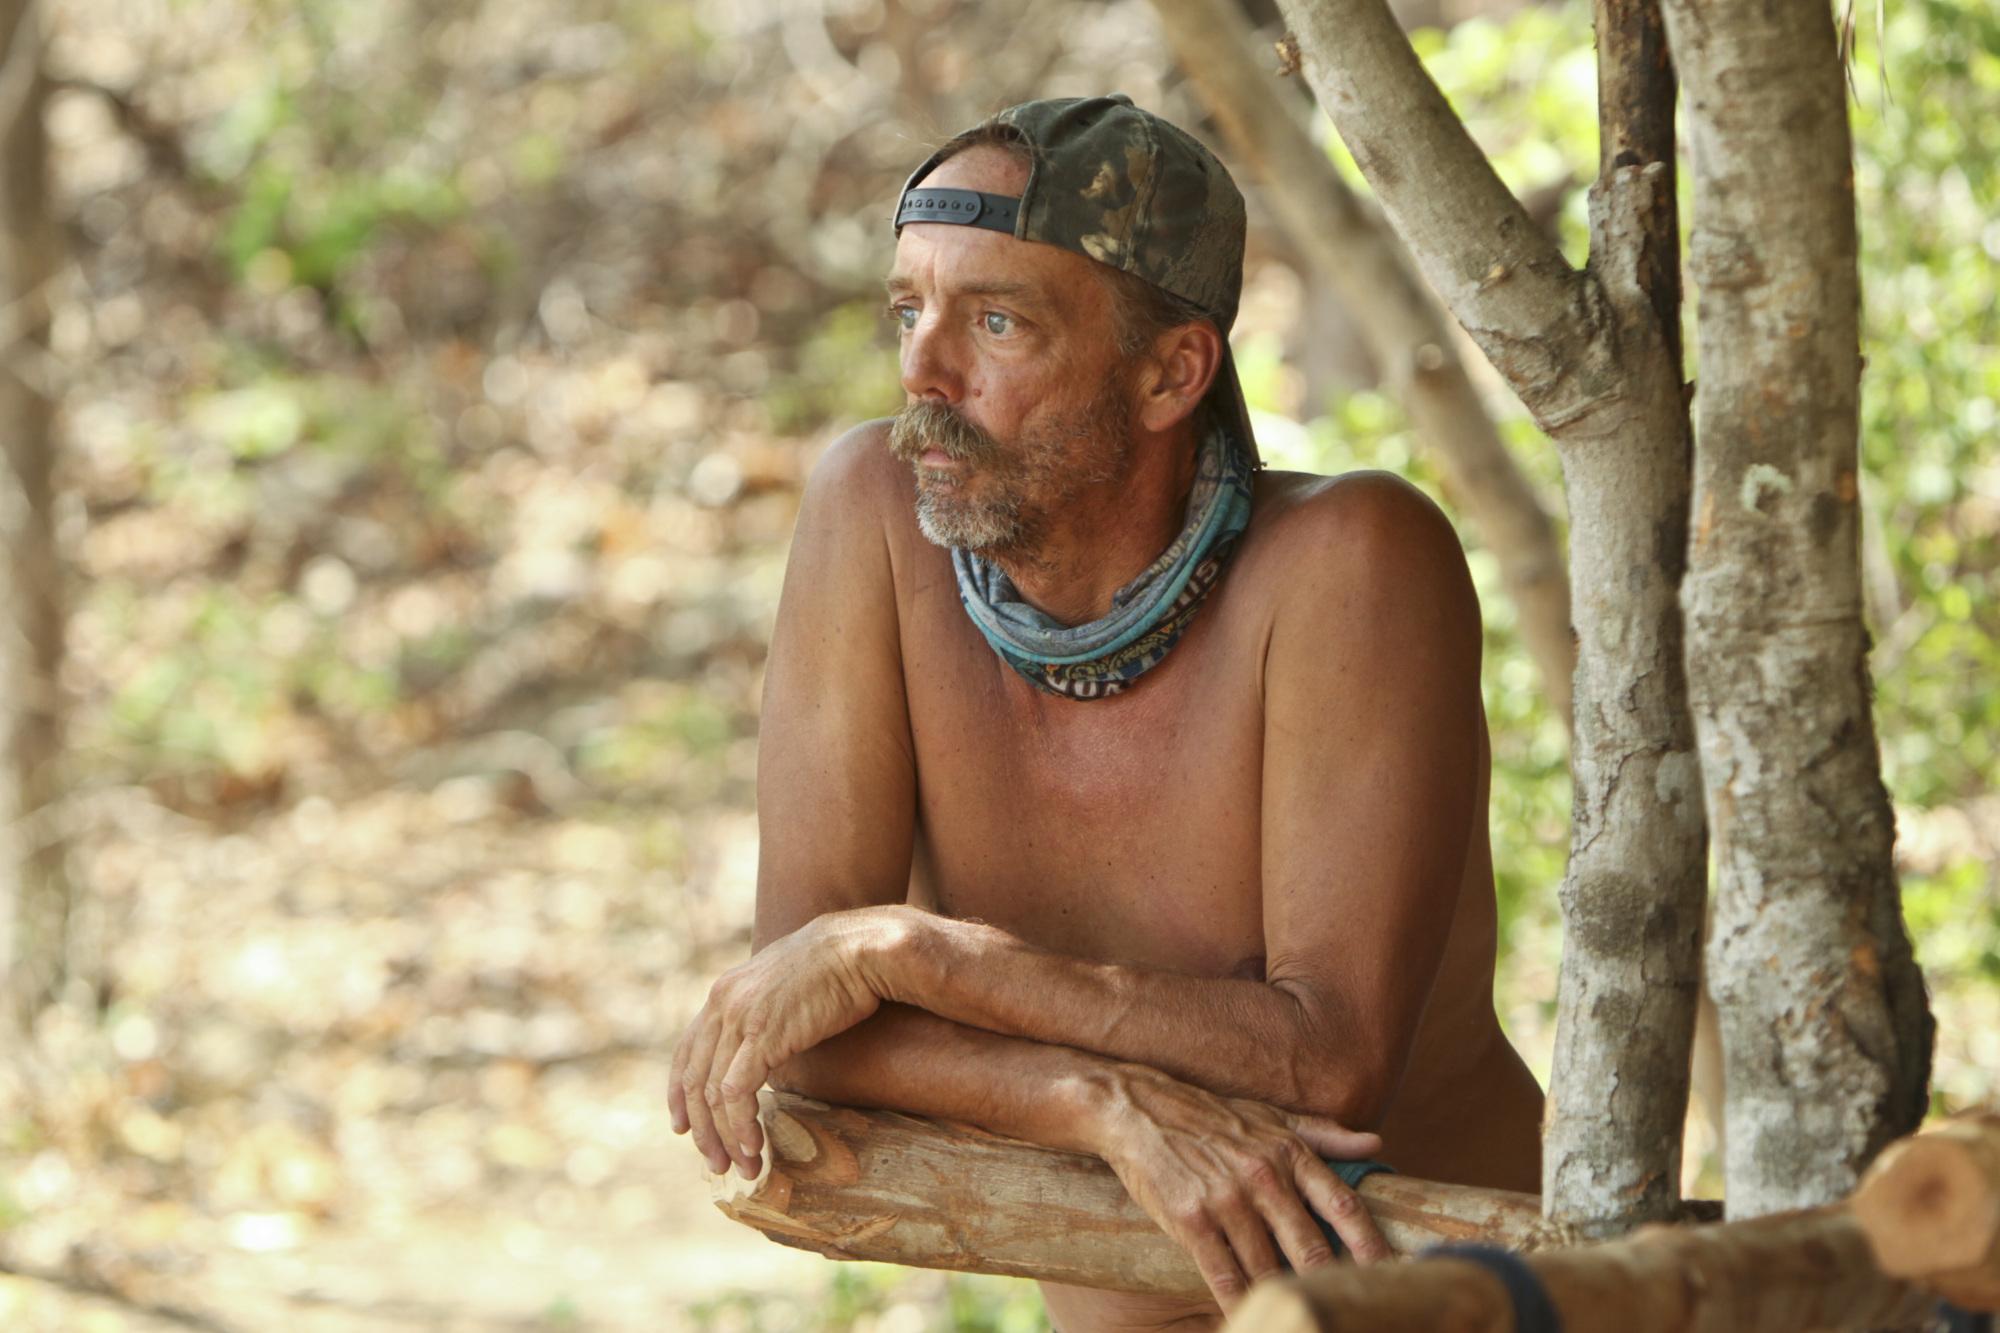 Keith at camp